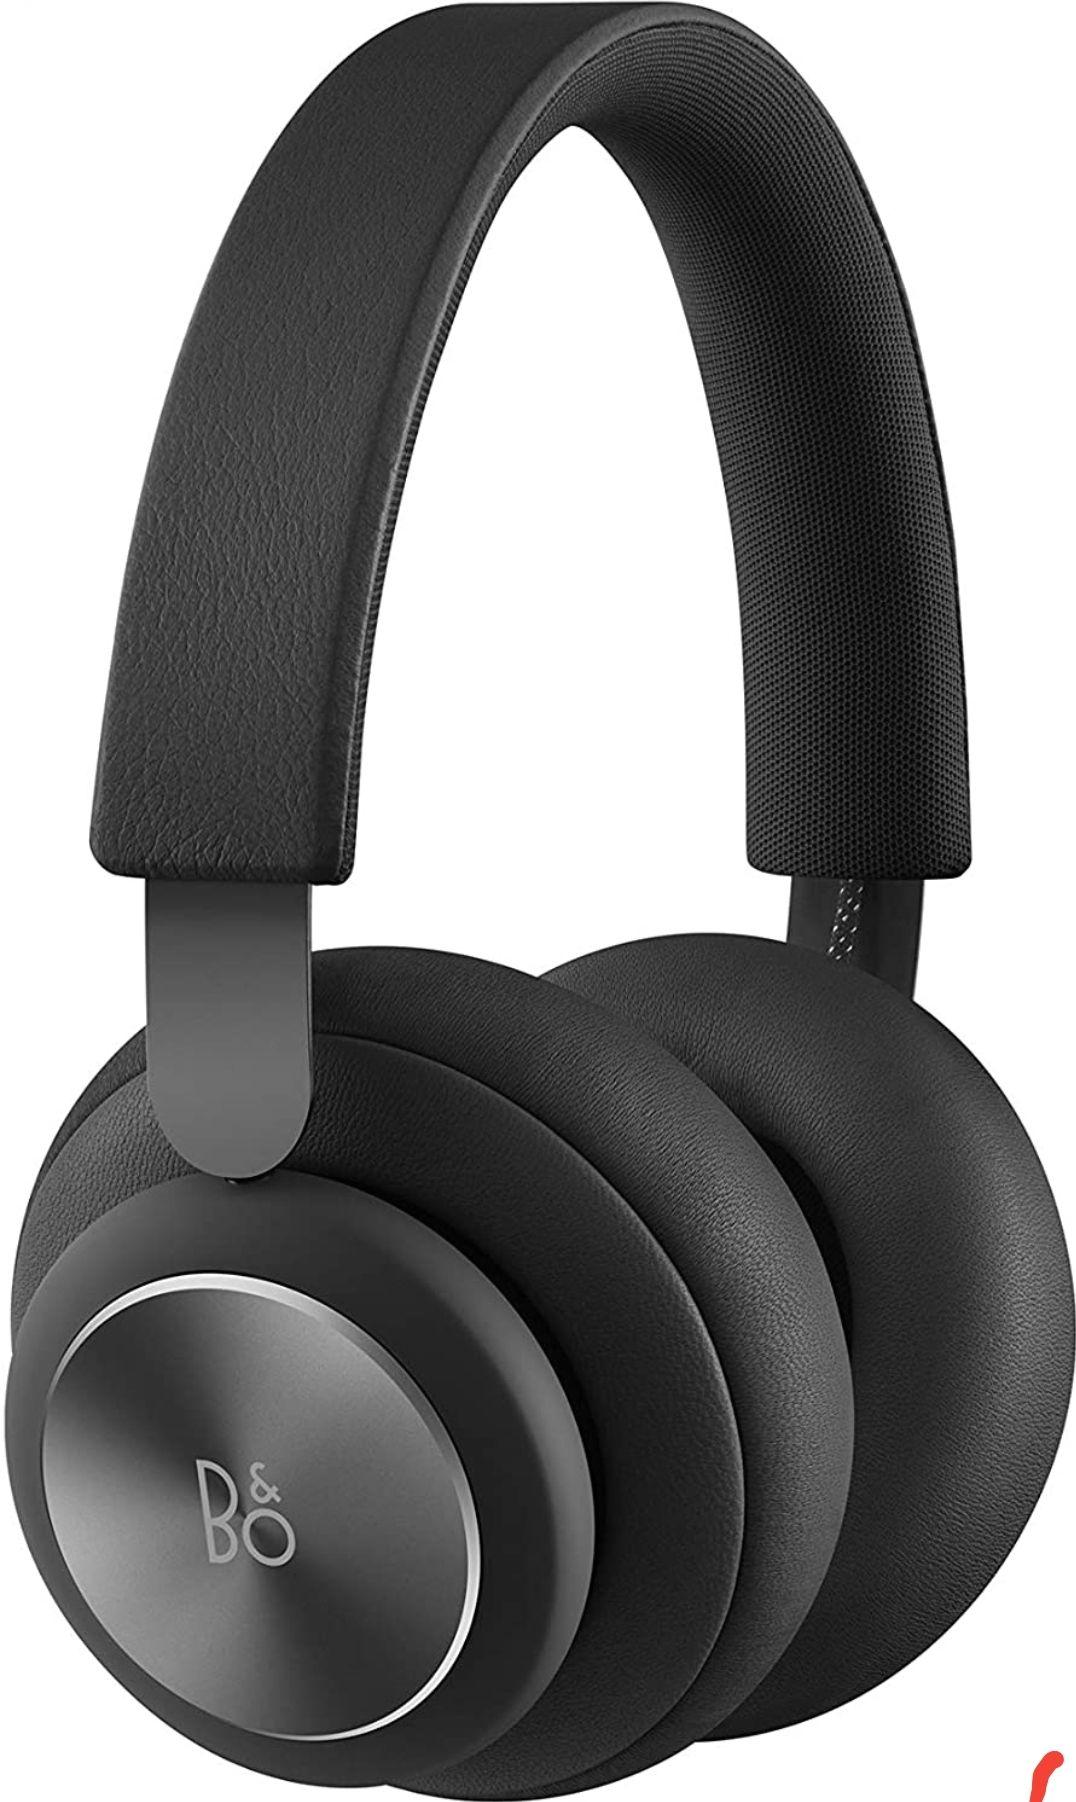 Bang & Olufsen beoplay h4 2nd gen headphones £134.99 (Prime Exclusive) @ Amazon